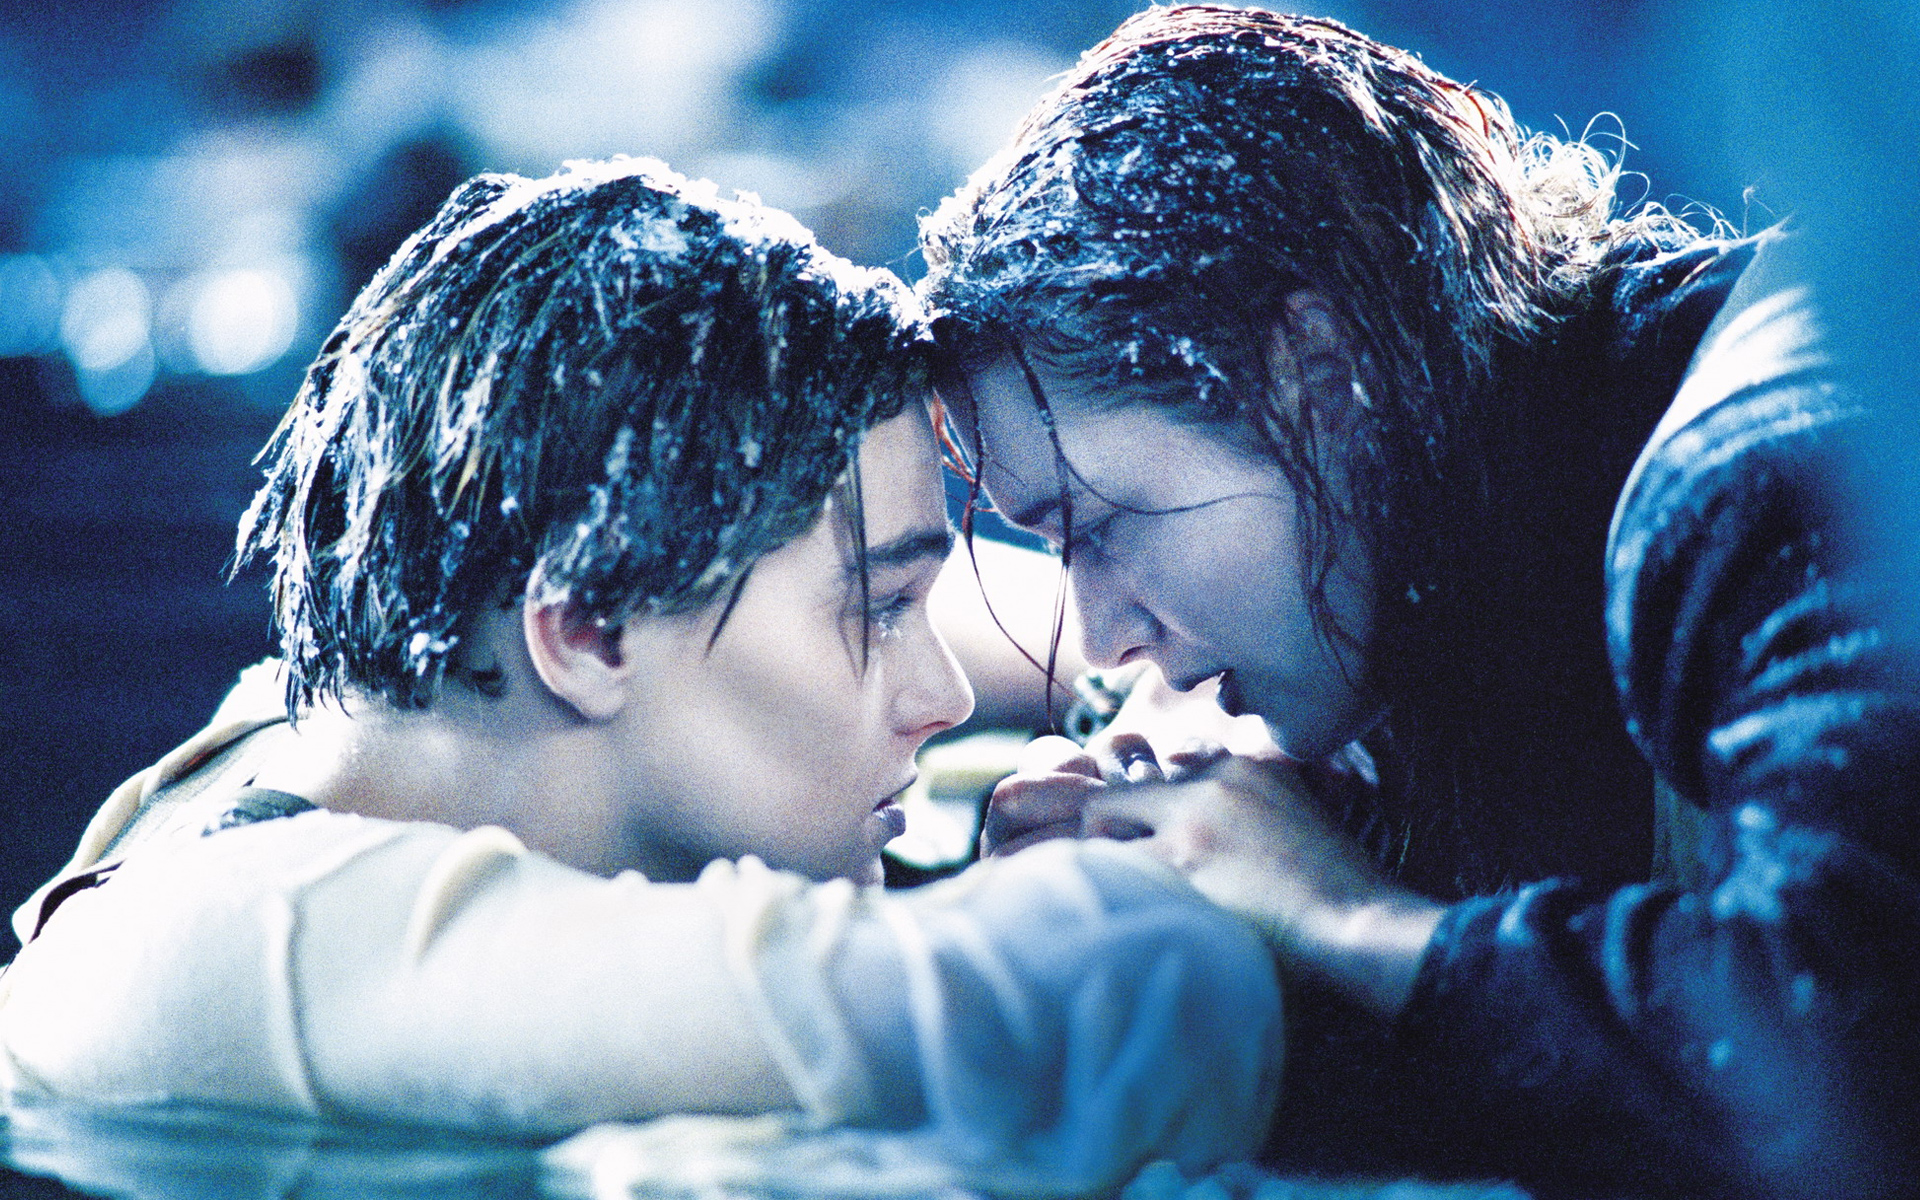 Знаменитая сцена из фильма «Титаник»